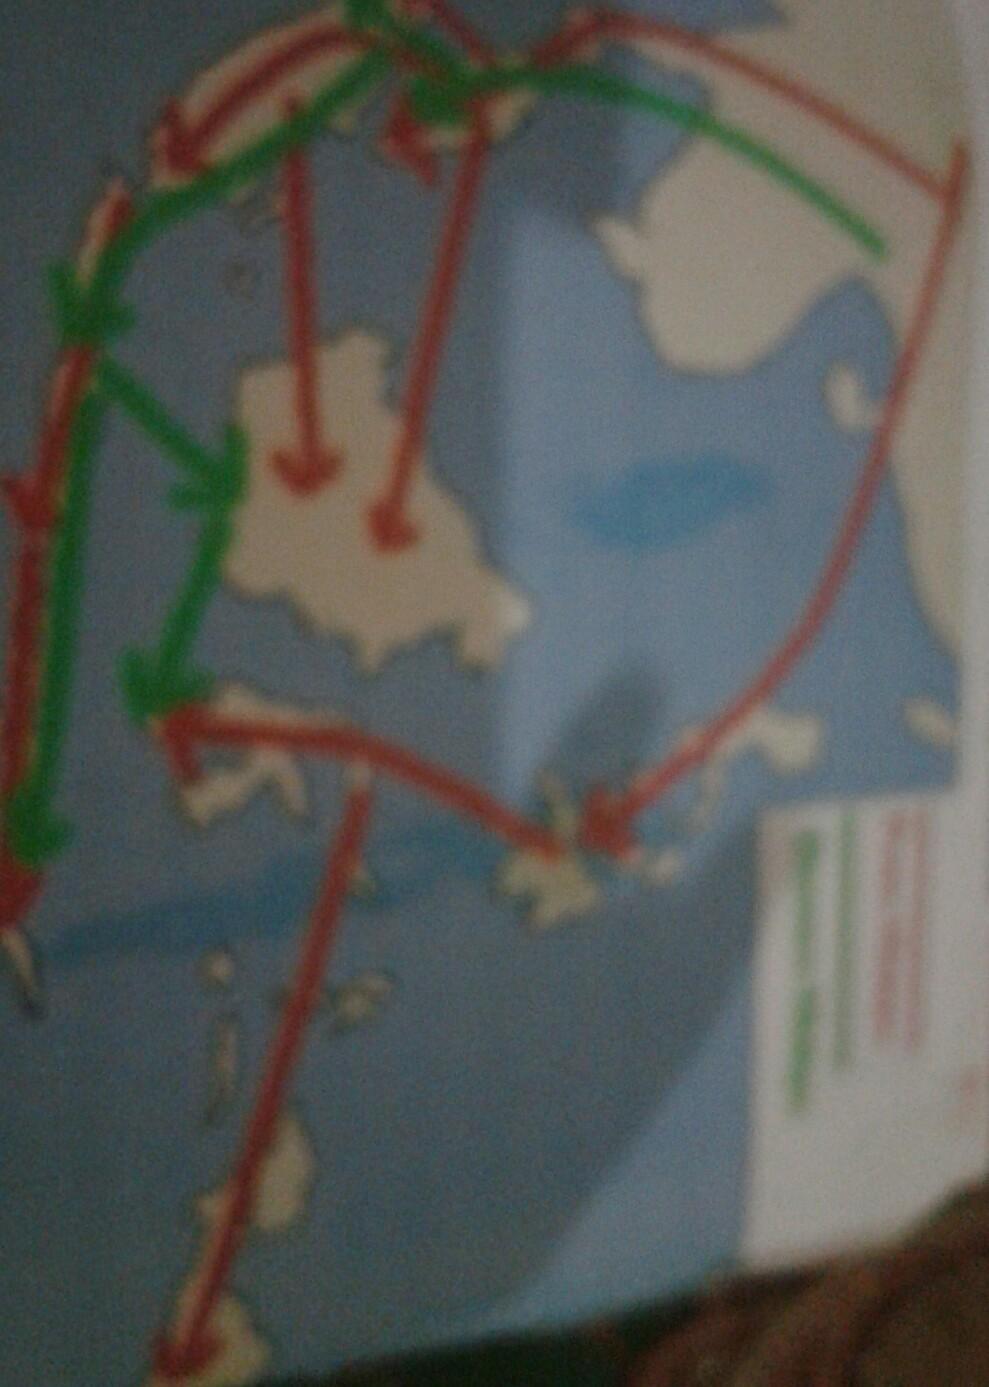 Peta Persebaran Nenek Moyang Bangsa Indonesia : persebaran, nenek, moyang, bangsa, indonesia, Jabarkanlah, Persebaran, Nenek, Moyang, Bangsa, Indonesia, Brainly.co.id